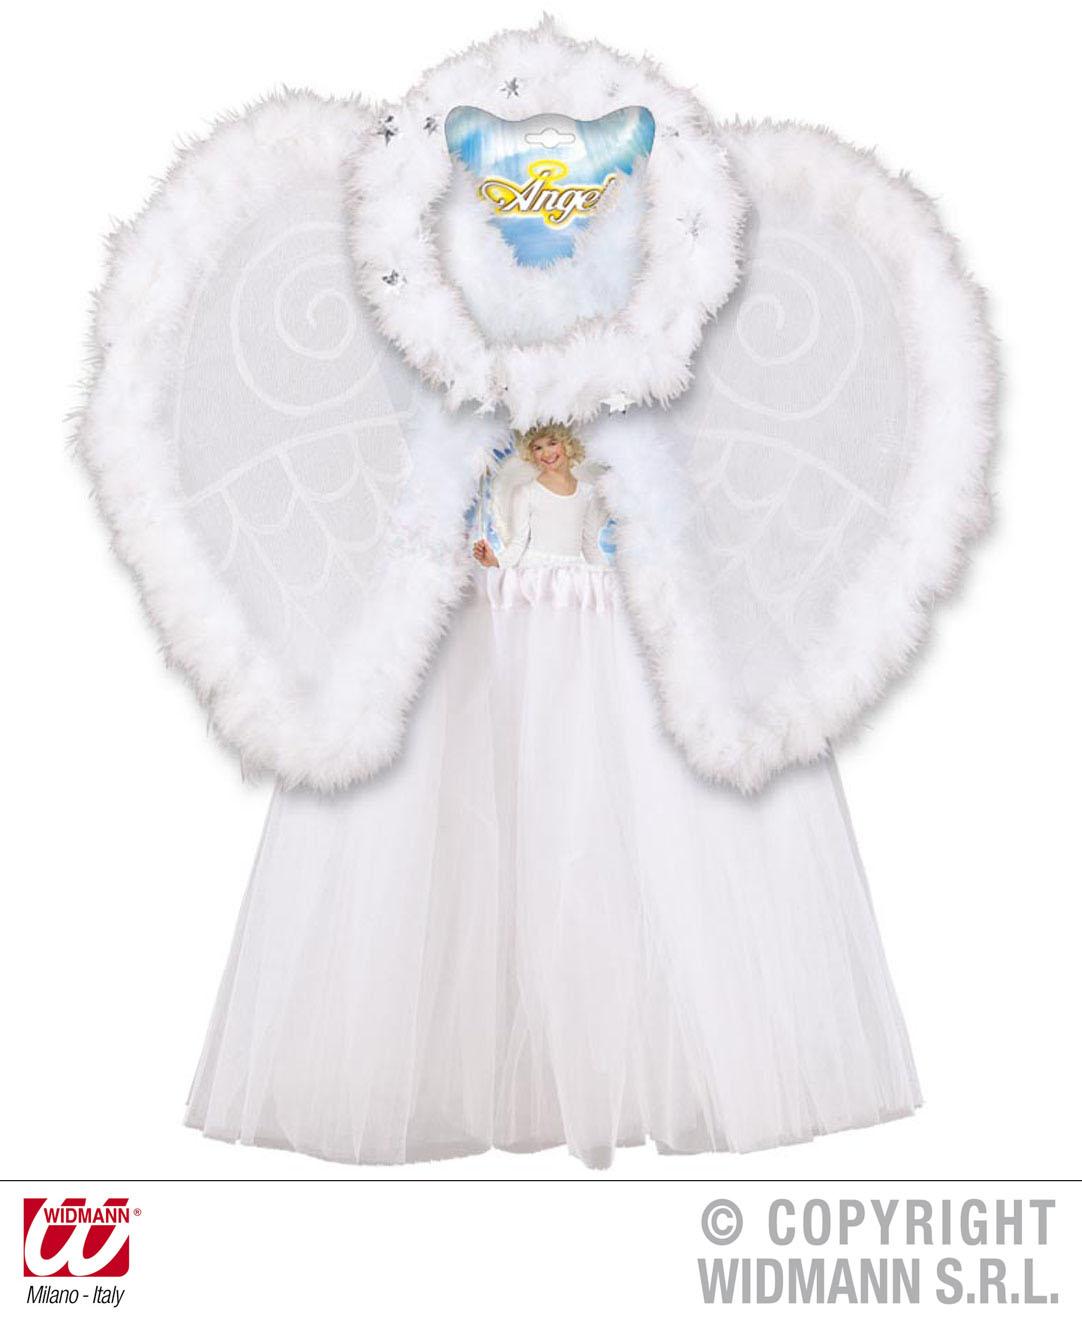 engel set kinder engel verkleidung f r kinder scherzwelt. Black Bedroom Furniture Sets. Home Design Ideas